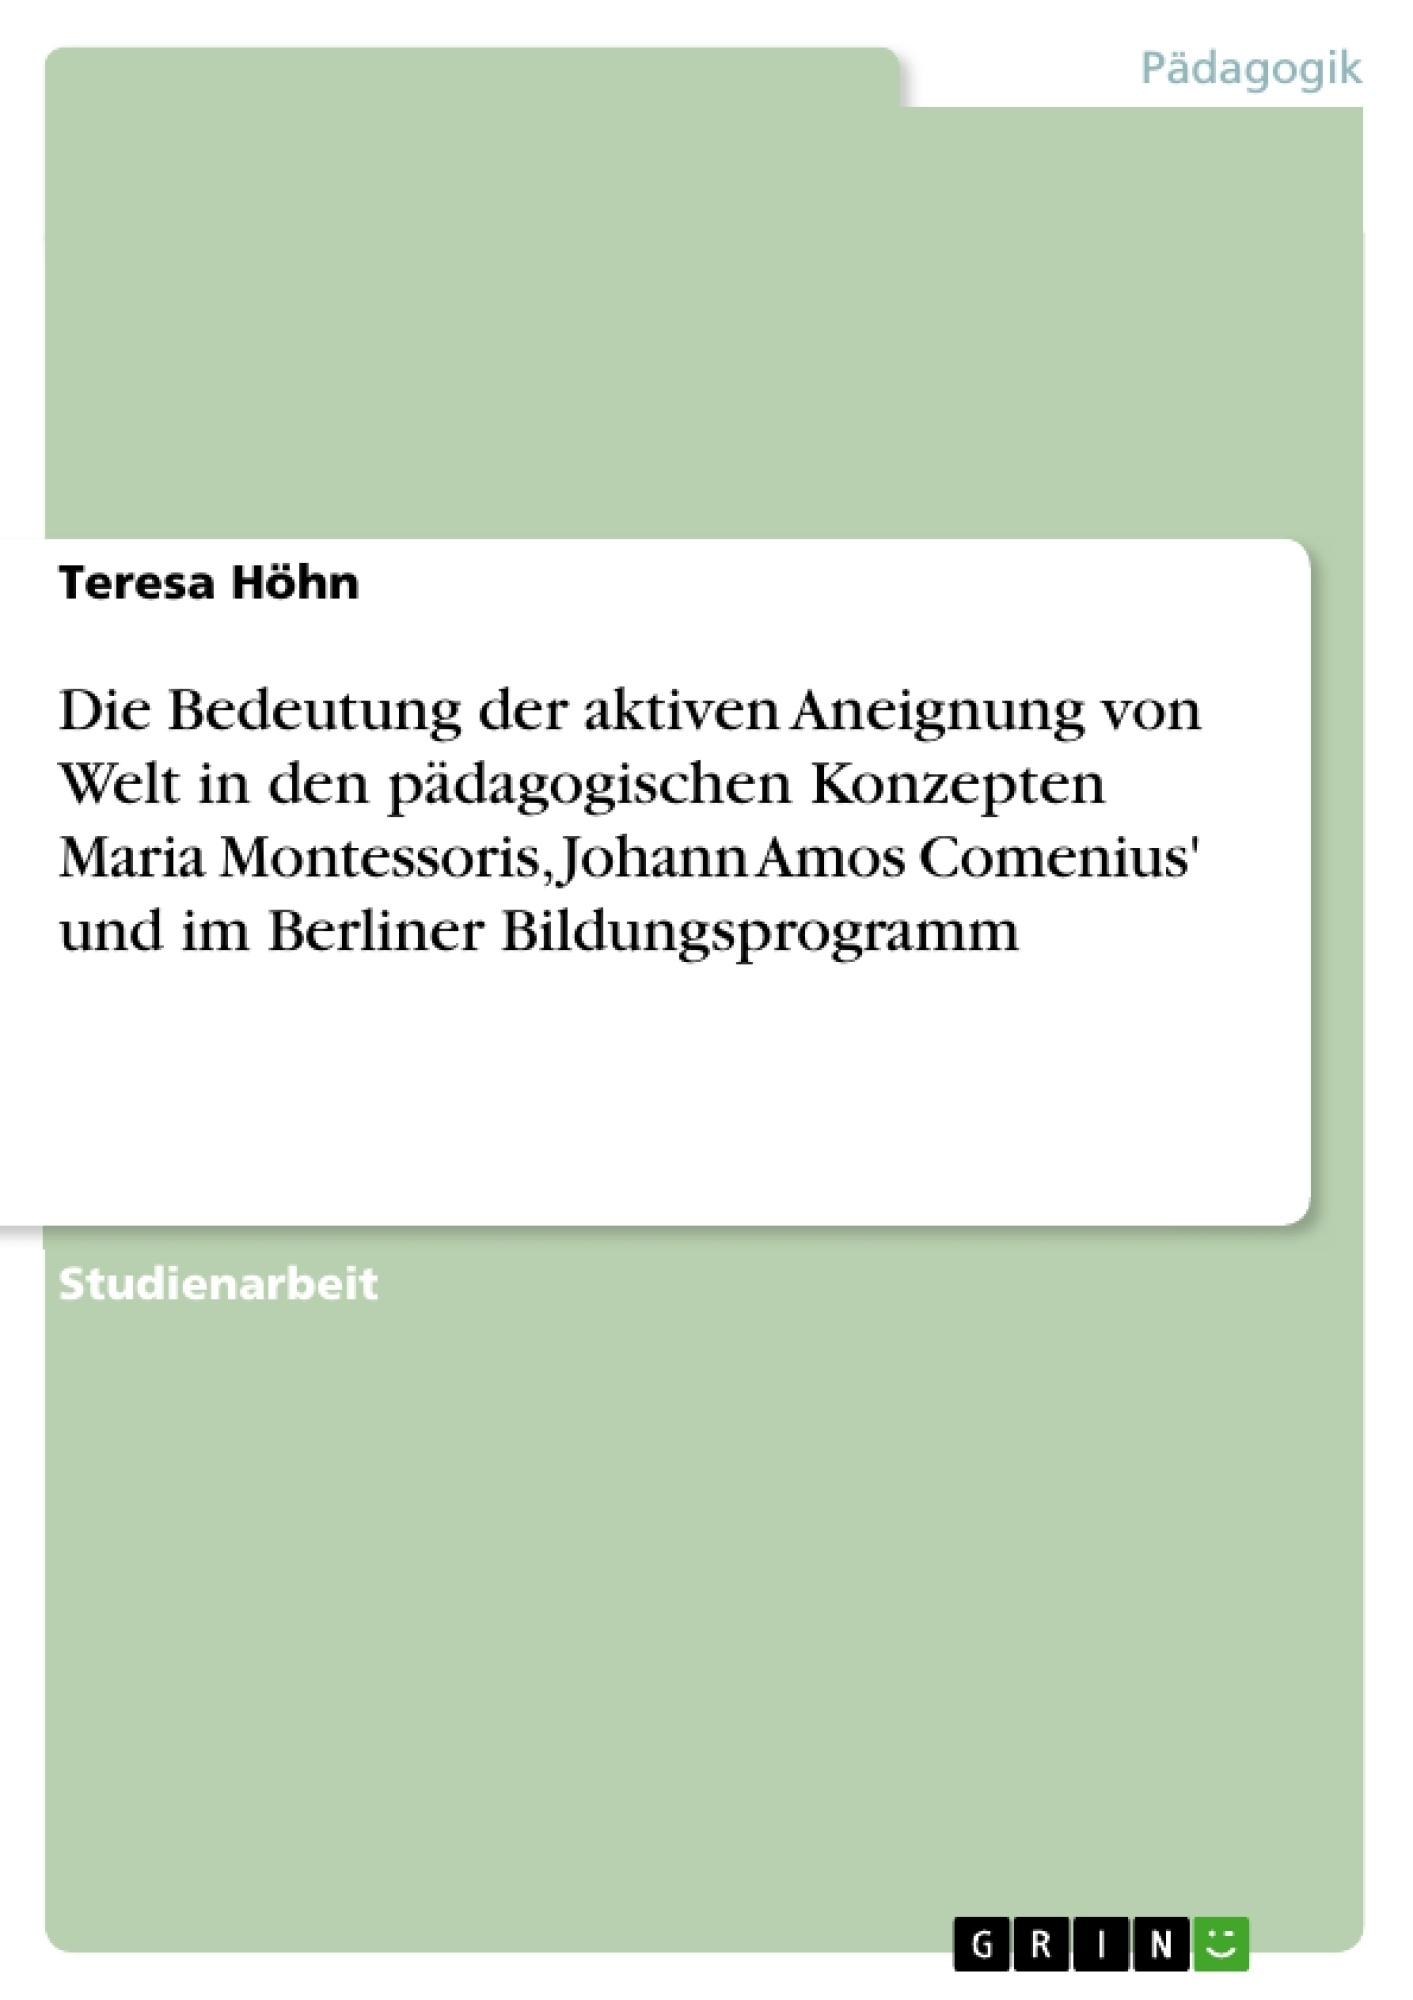 Titel: Die Bedeutung der aktiven Aneignung von Welt in den pädagogischen Konzepten Maria Montessoris, Johann Amos Comenius' und im Berliner Bildungsprogramm